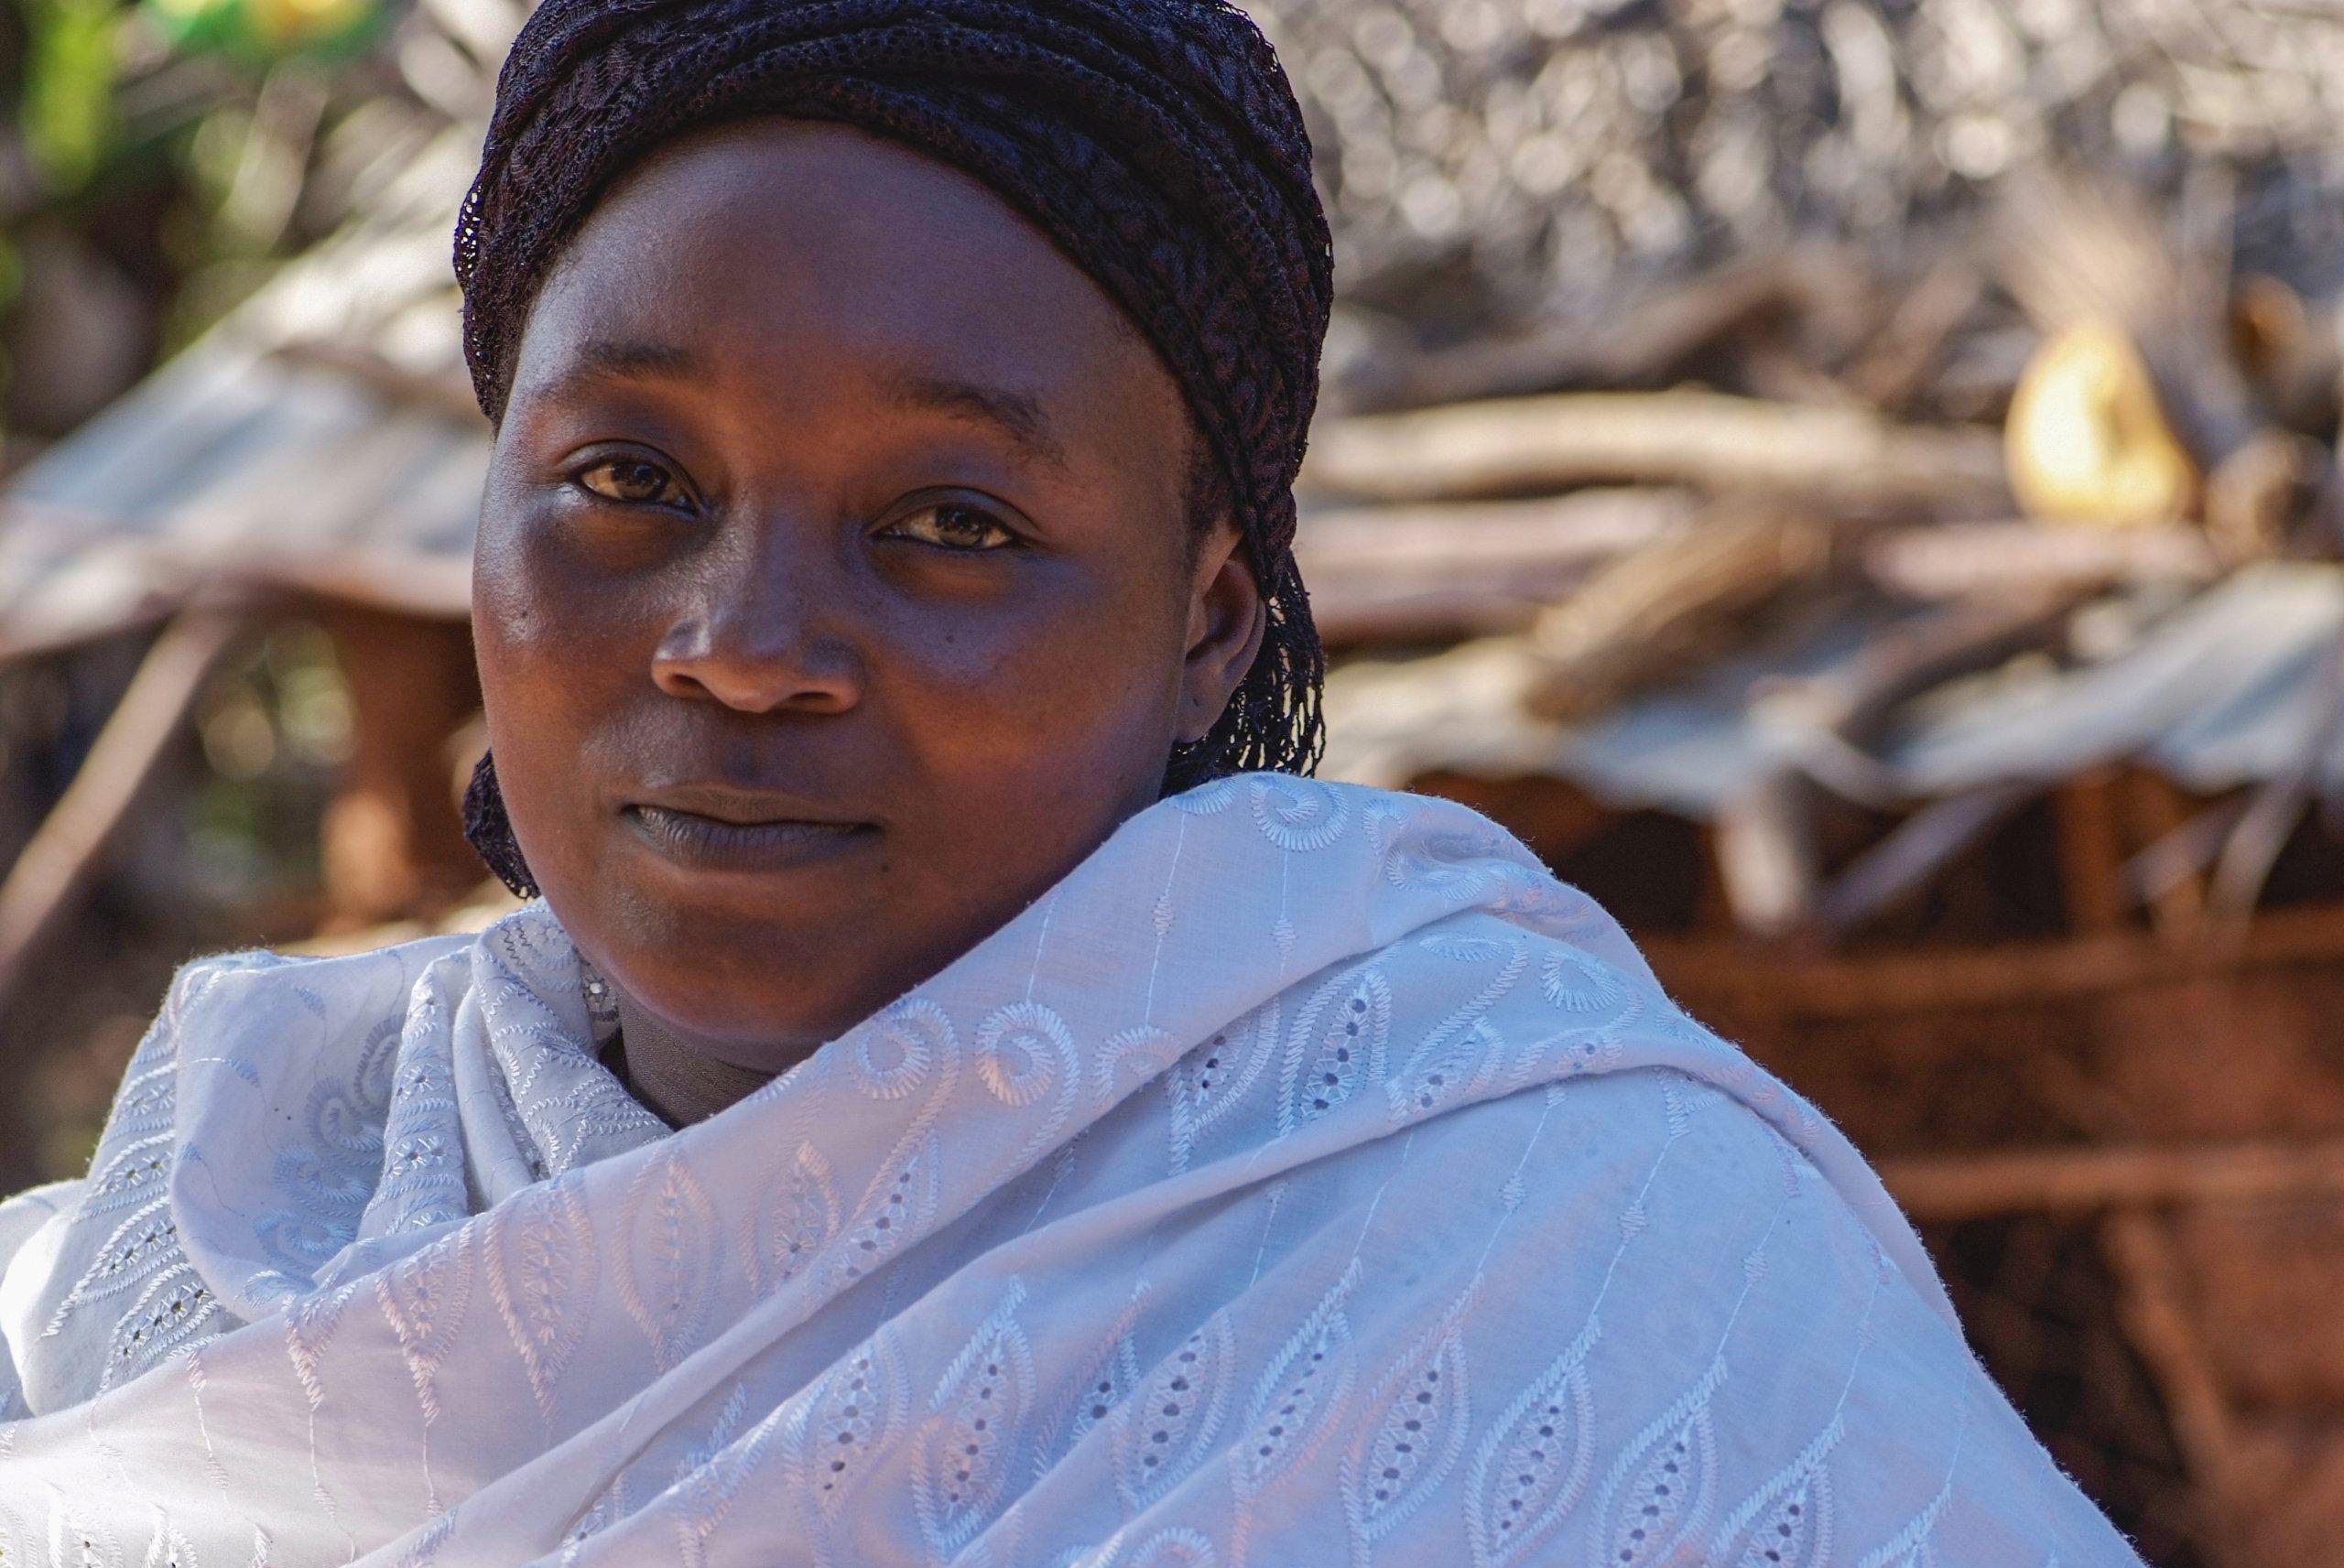 29 01 boerin trotsevrouw Zidina Rwiza Pangani Tanzania 5602 scaled